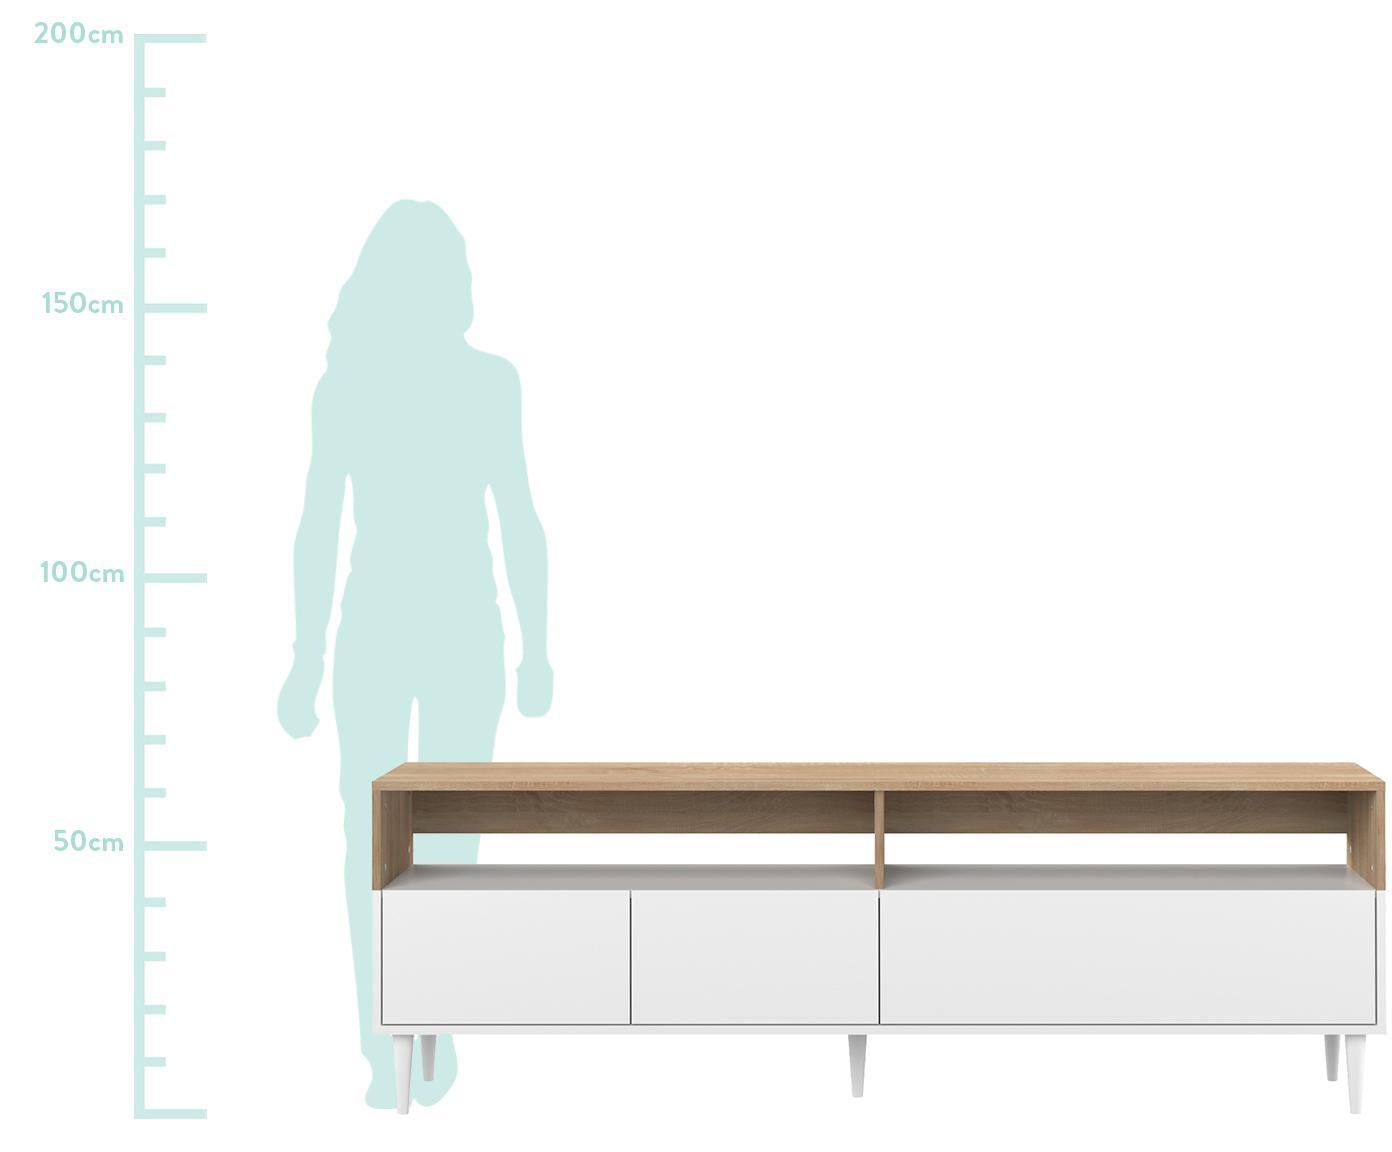 Szafka RTV scandi Horizon, Korpus: płyta wiórowa pokryta mel, Nogi: lite drewno bukowe, lakie, Drewno dębowe, biały, S 180 x W 61 cm